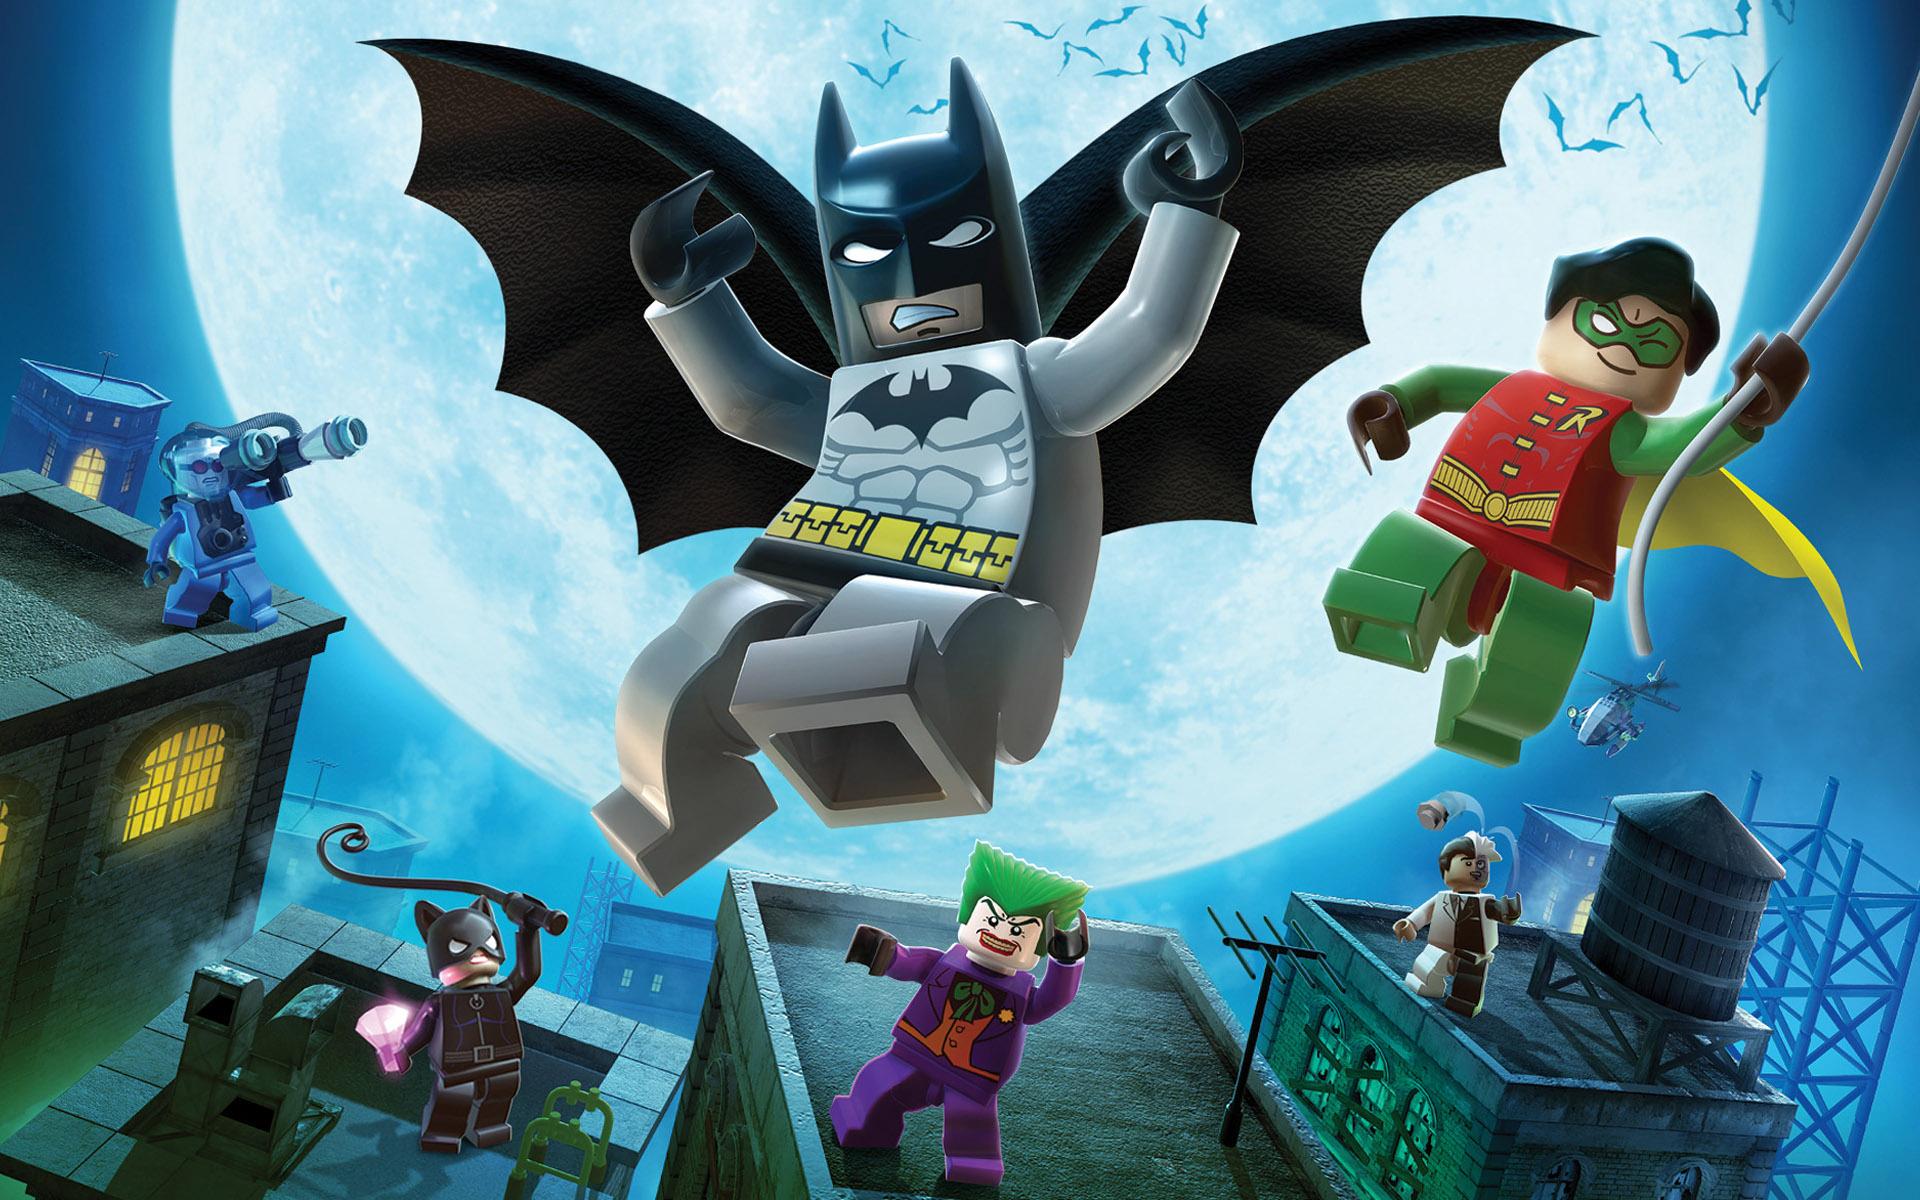 download wallpaper: LEGO Batman wallpaper